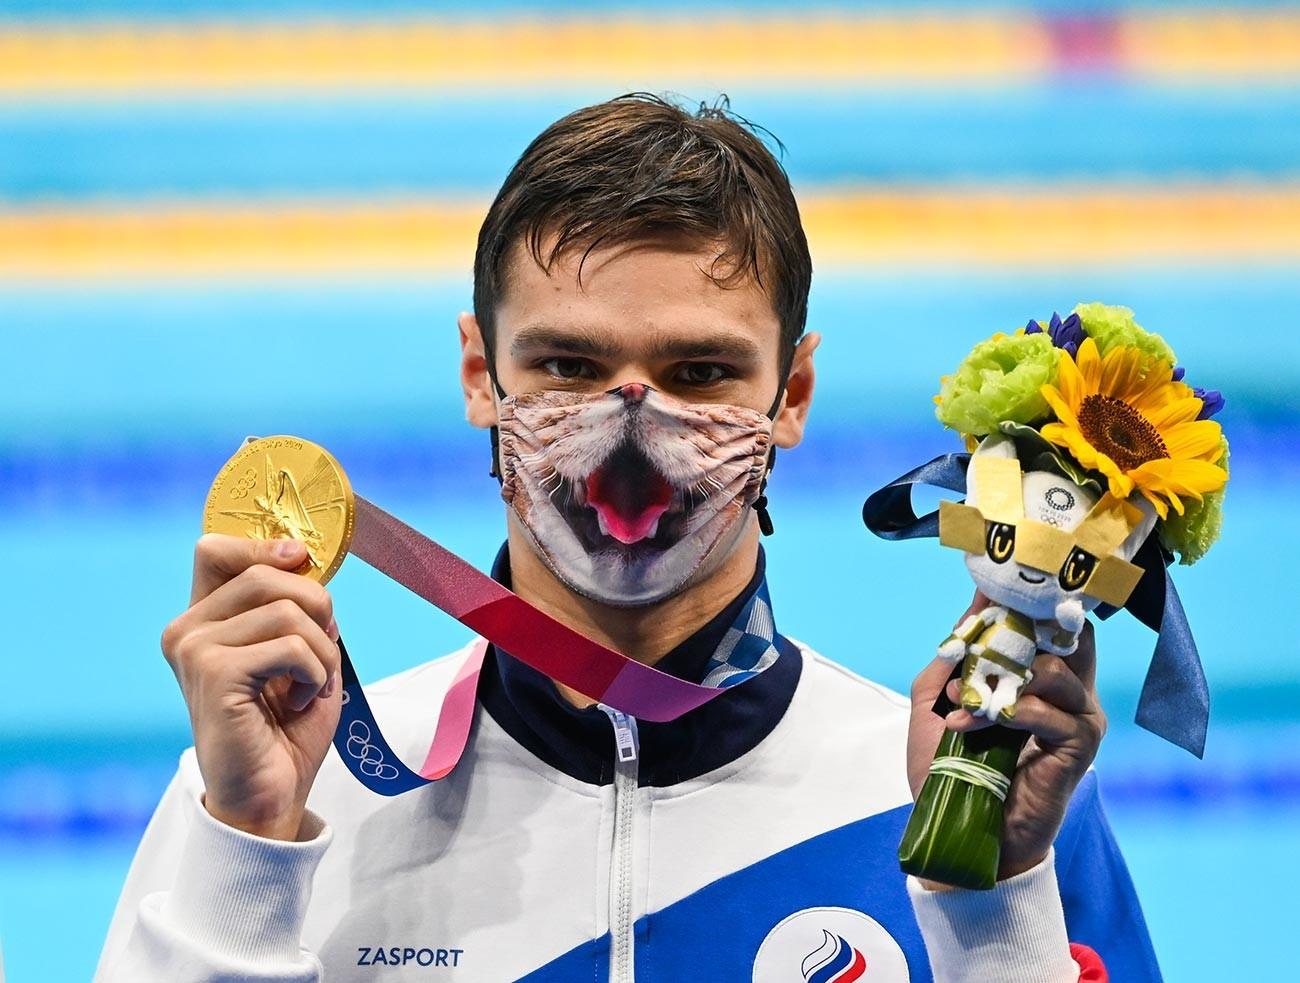 Evgeny Rylov, do Comitê Olímpico Russo, posando com medalha de ouro após final masculina nos 200m costas durante os Jogos Olímpicos de Tóquio, em 30 de julho de 2021